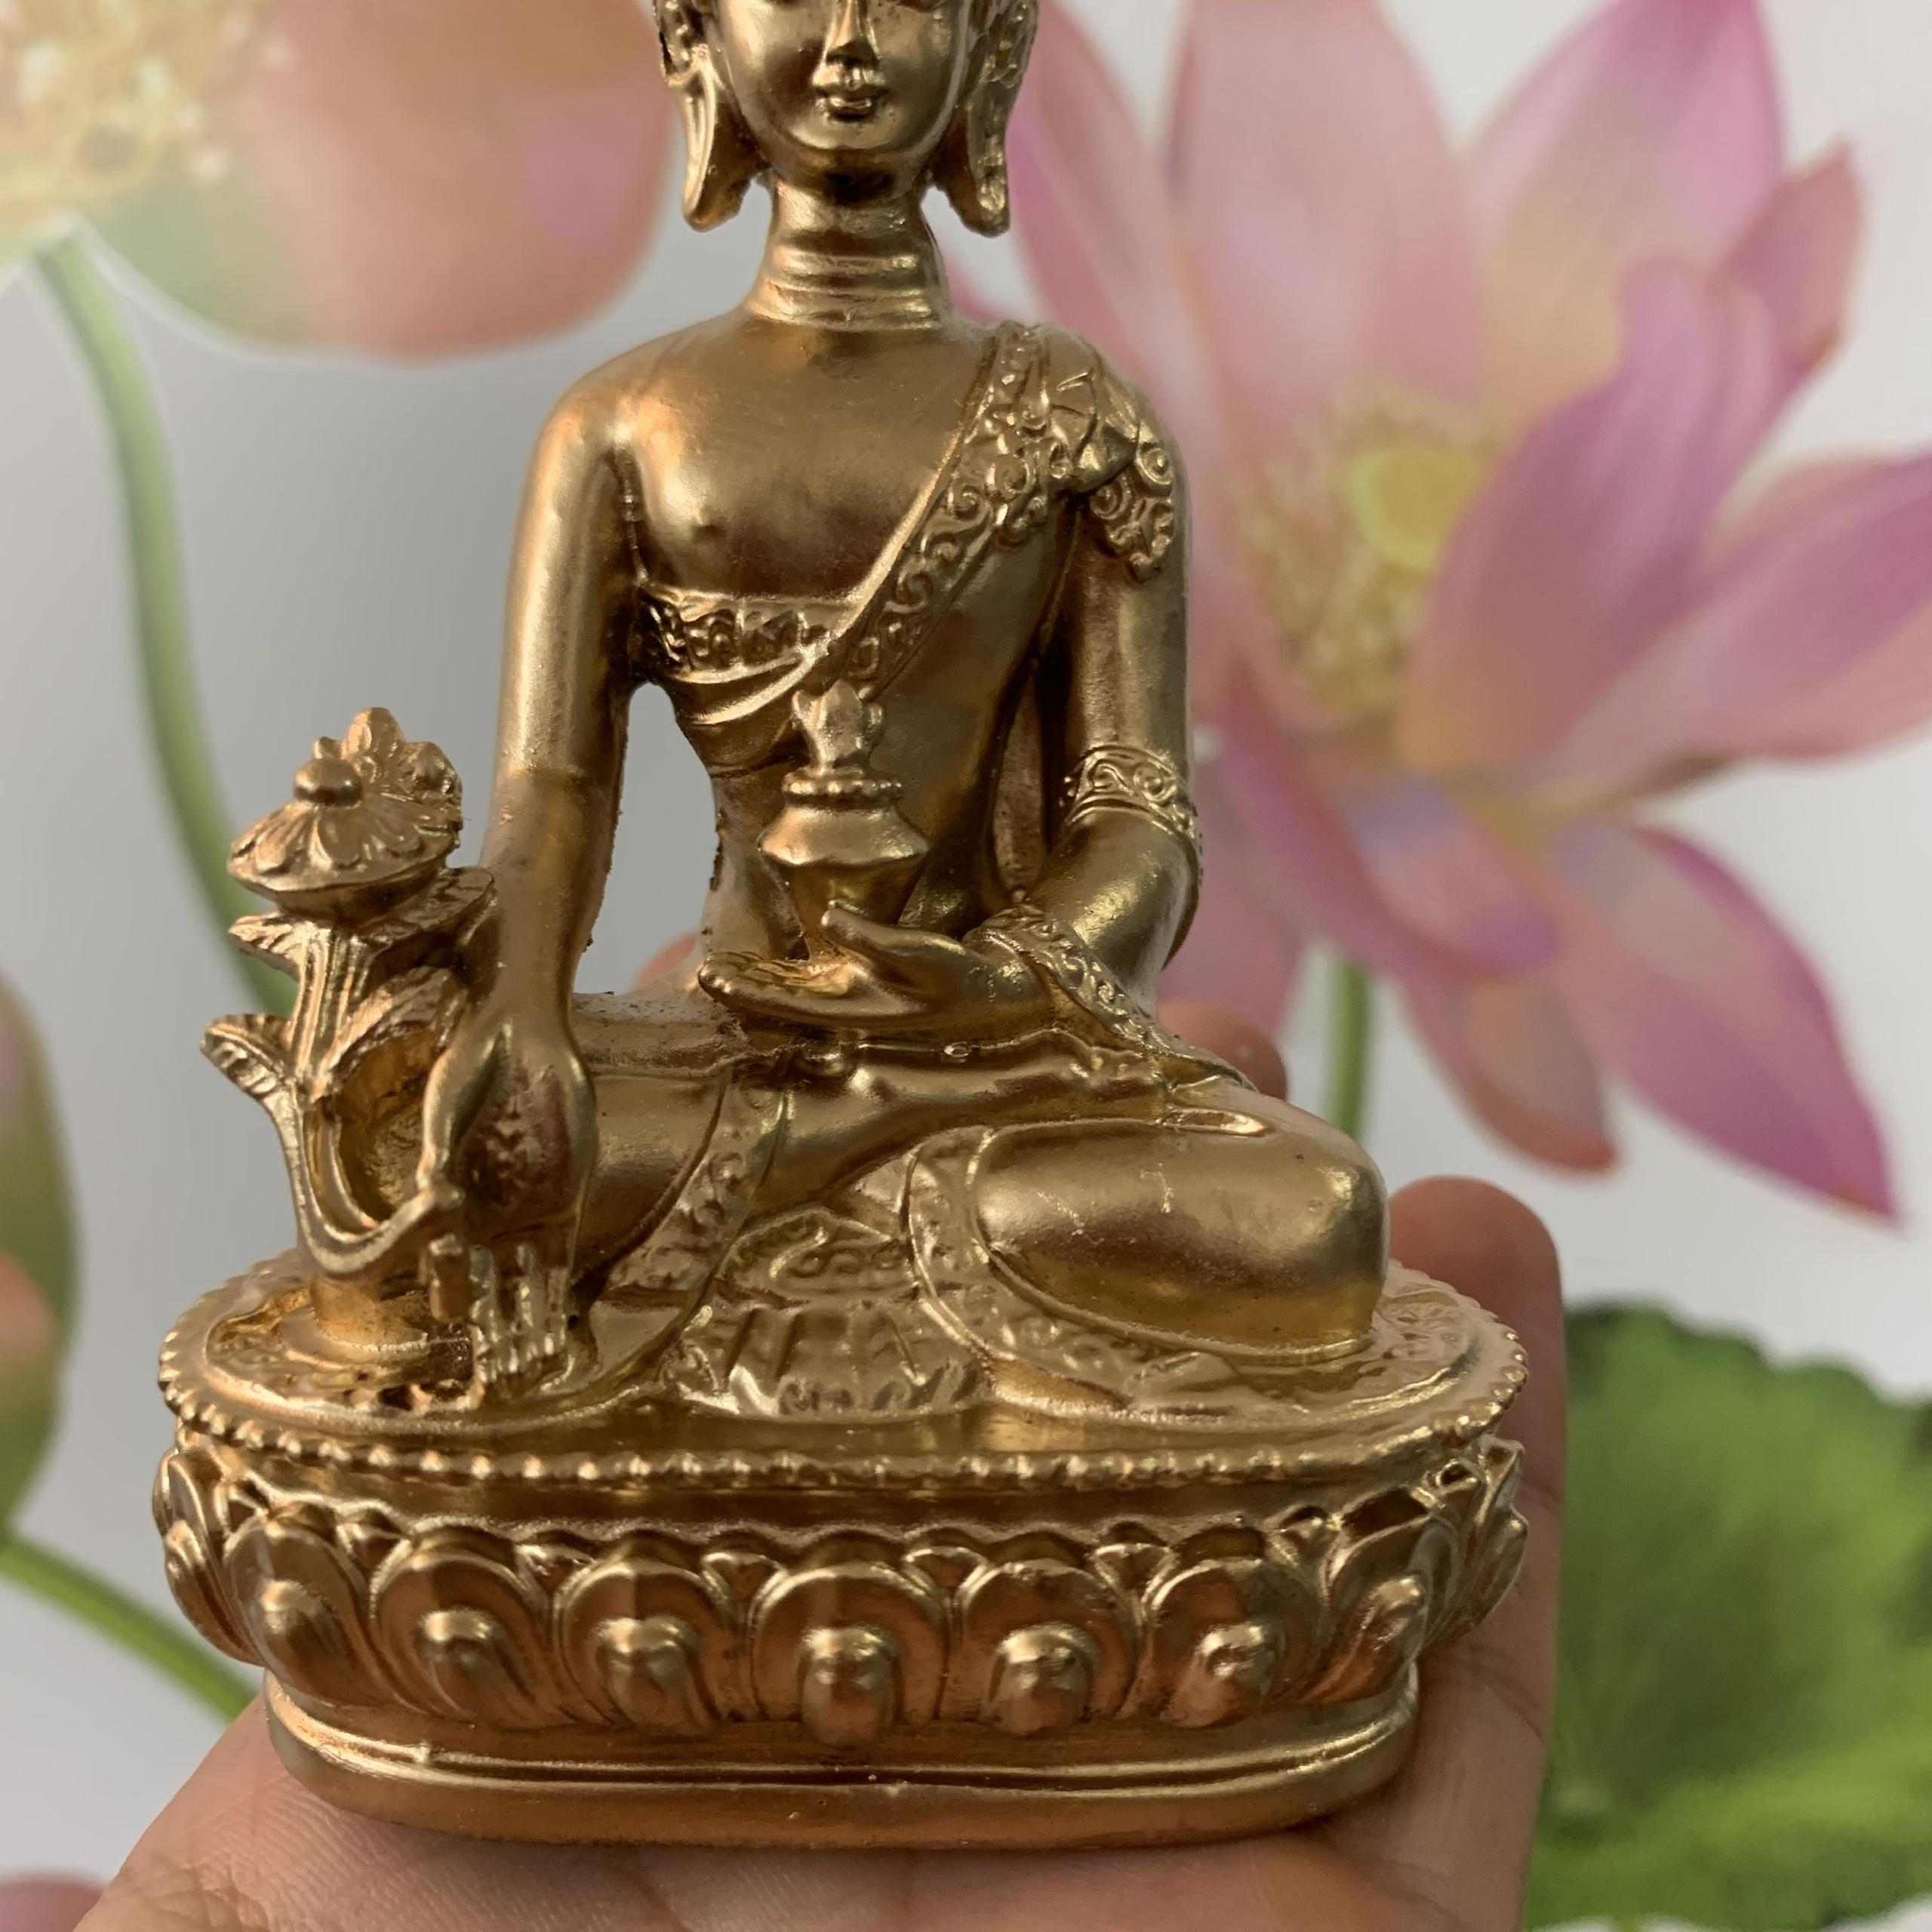 Tượng đá Phật Dược Sư Lưu Ly Quang ngồi tòa sen - Cao 12cm - Màu nhũ đồng